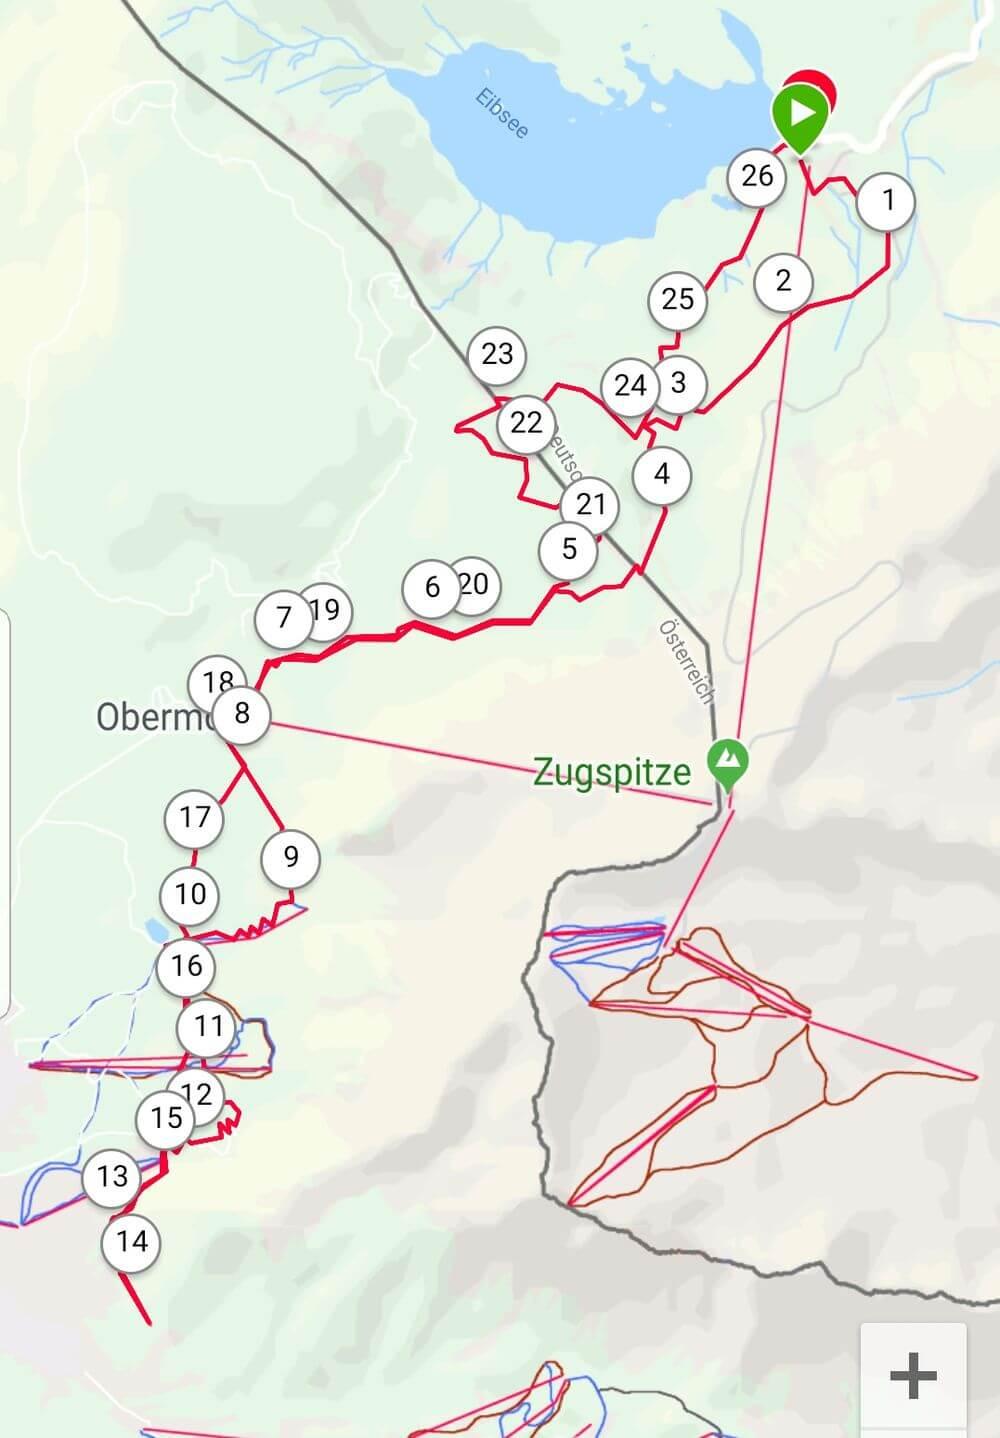 Teil der ersten Etappe des Transalpinerun -Trailrunning in Garmisch